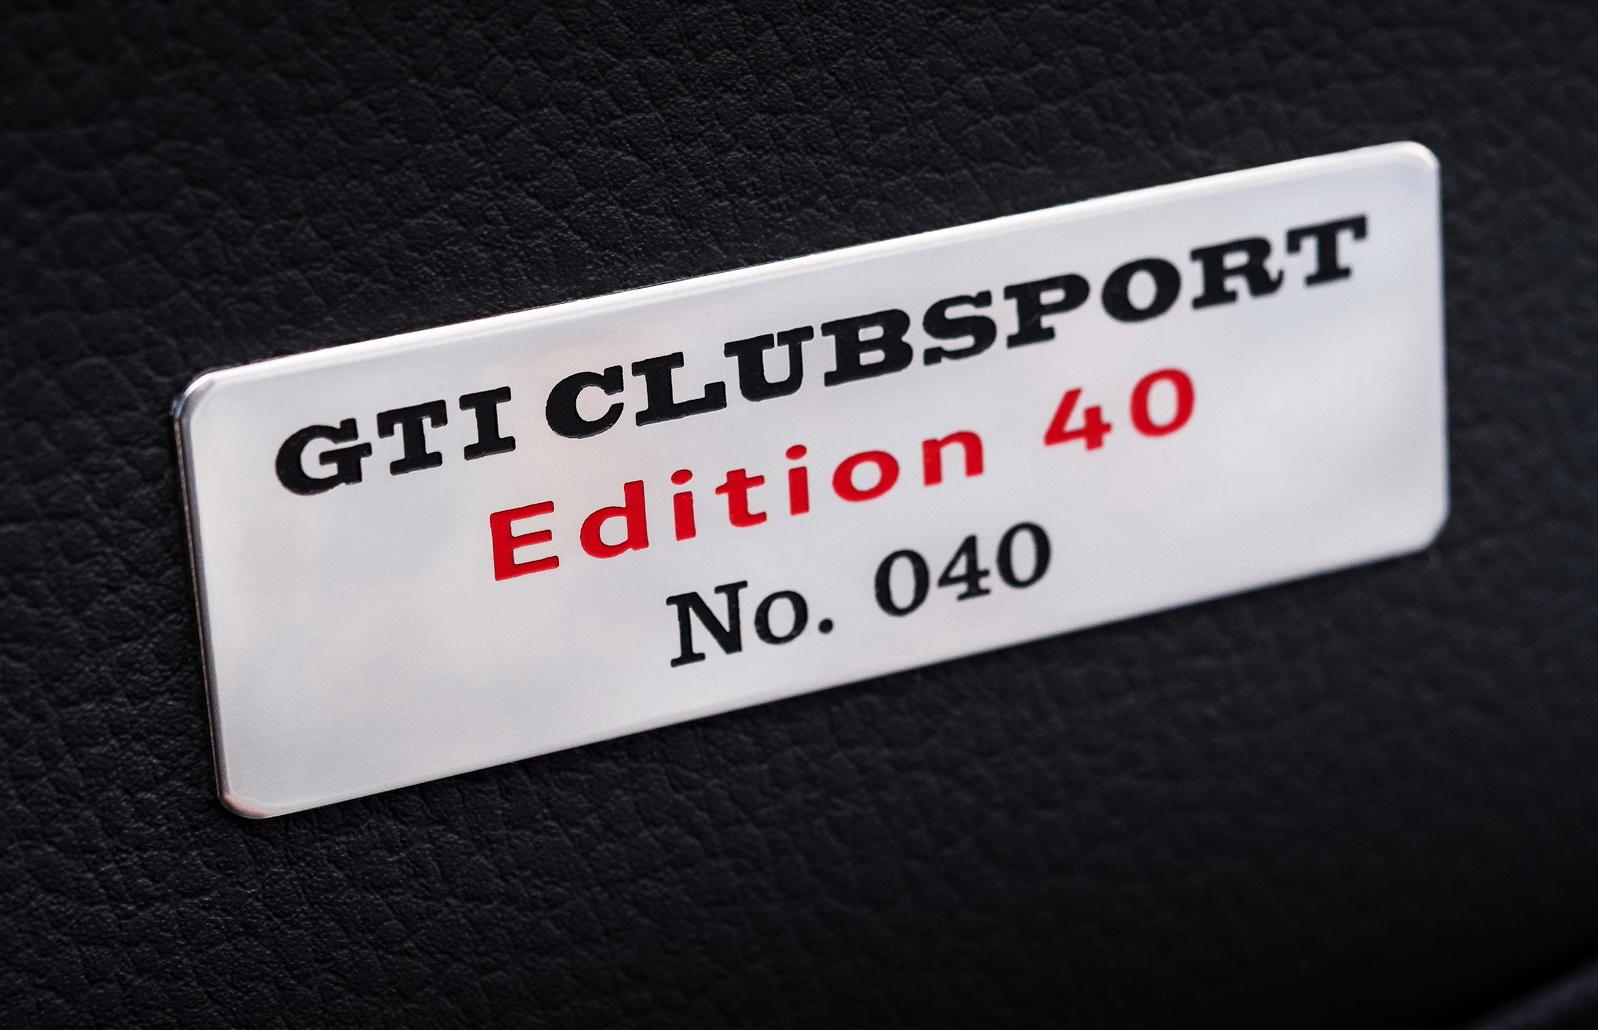 vw_golf_gti_clubsport-edition40.jpg